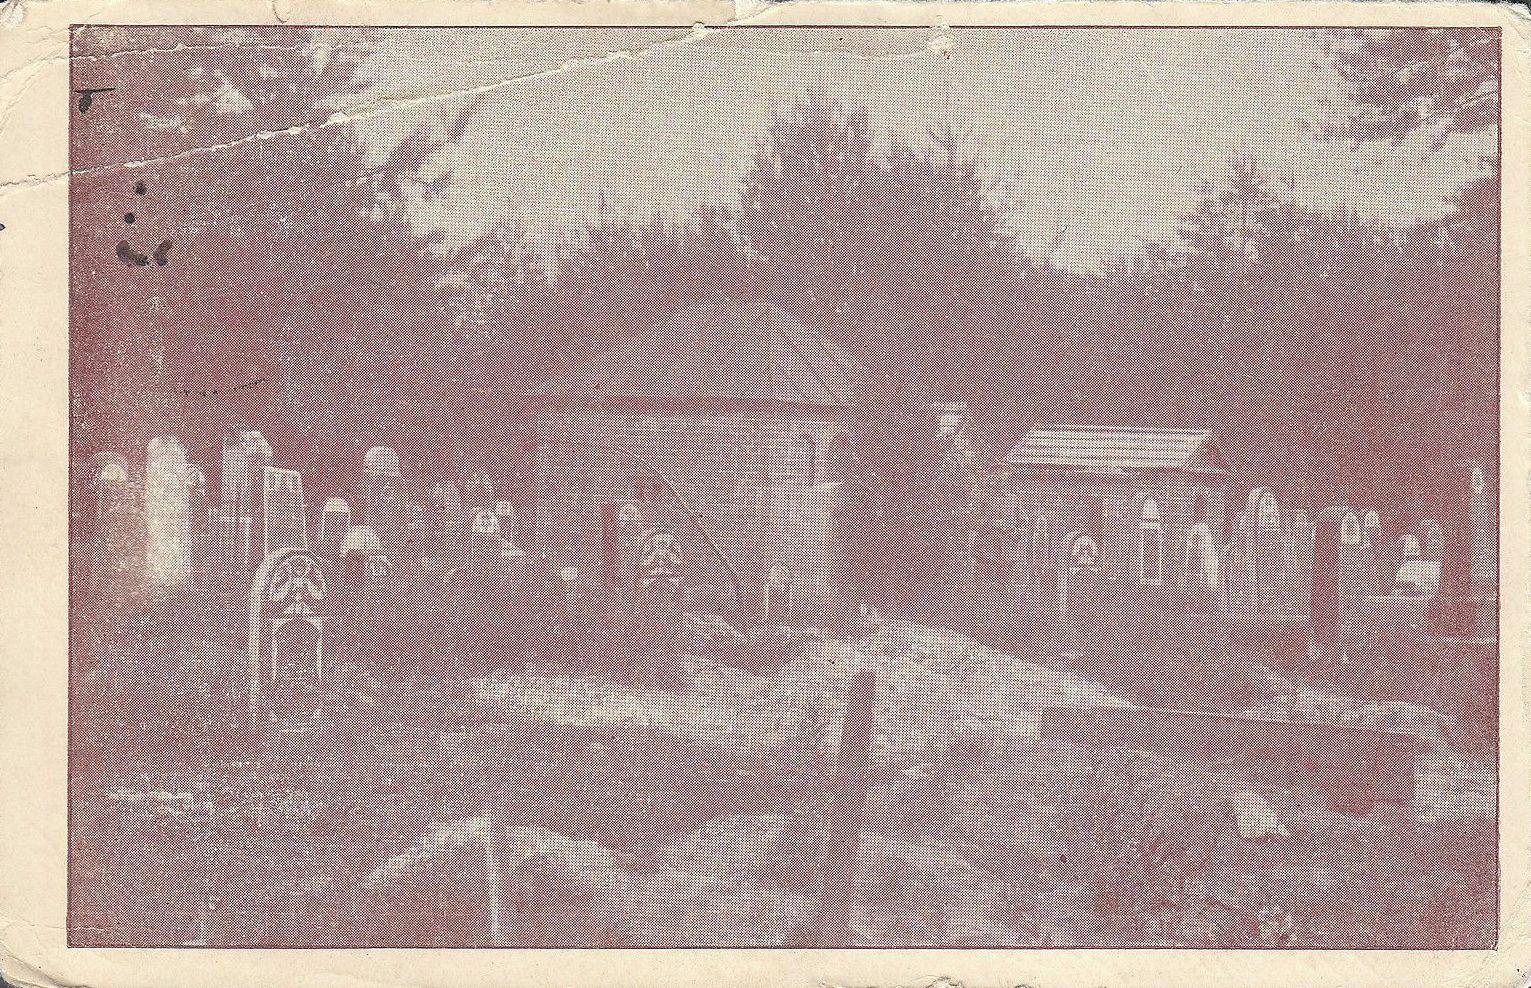 Еврейское кладбище в Барановичах. Открытка времен Немецкая первой мировой войны